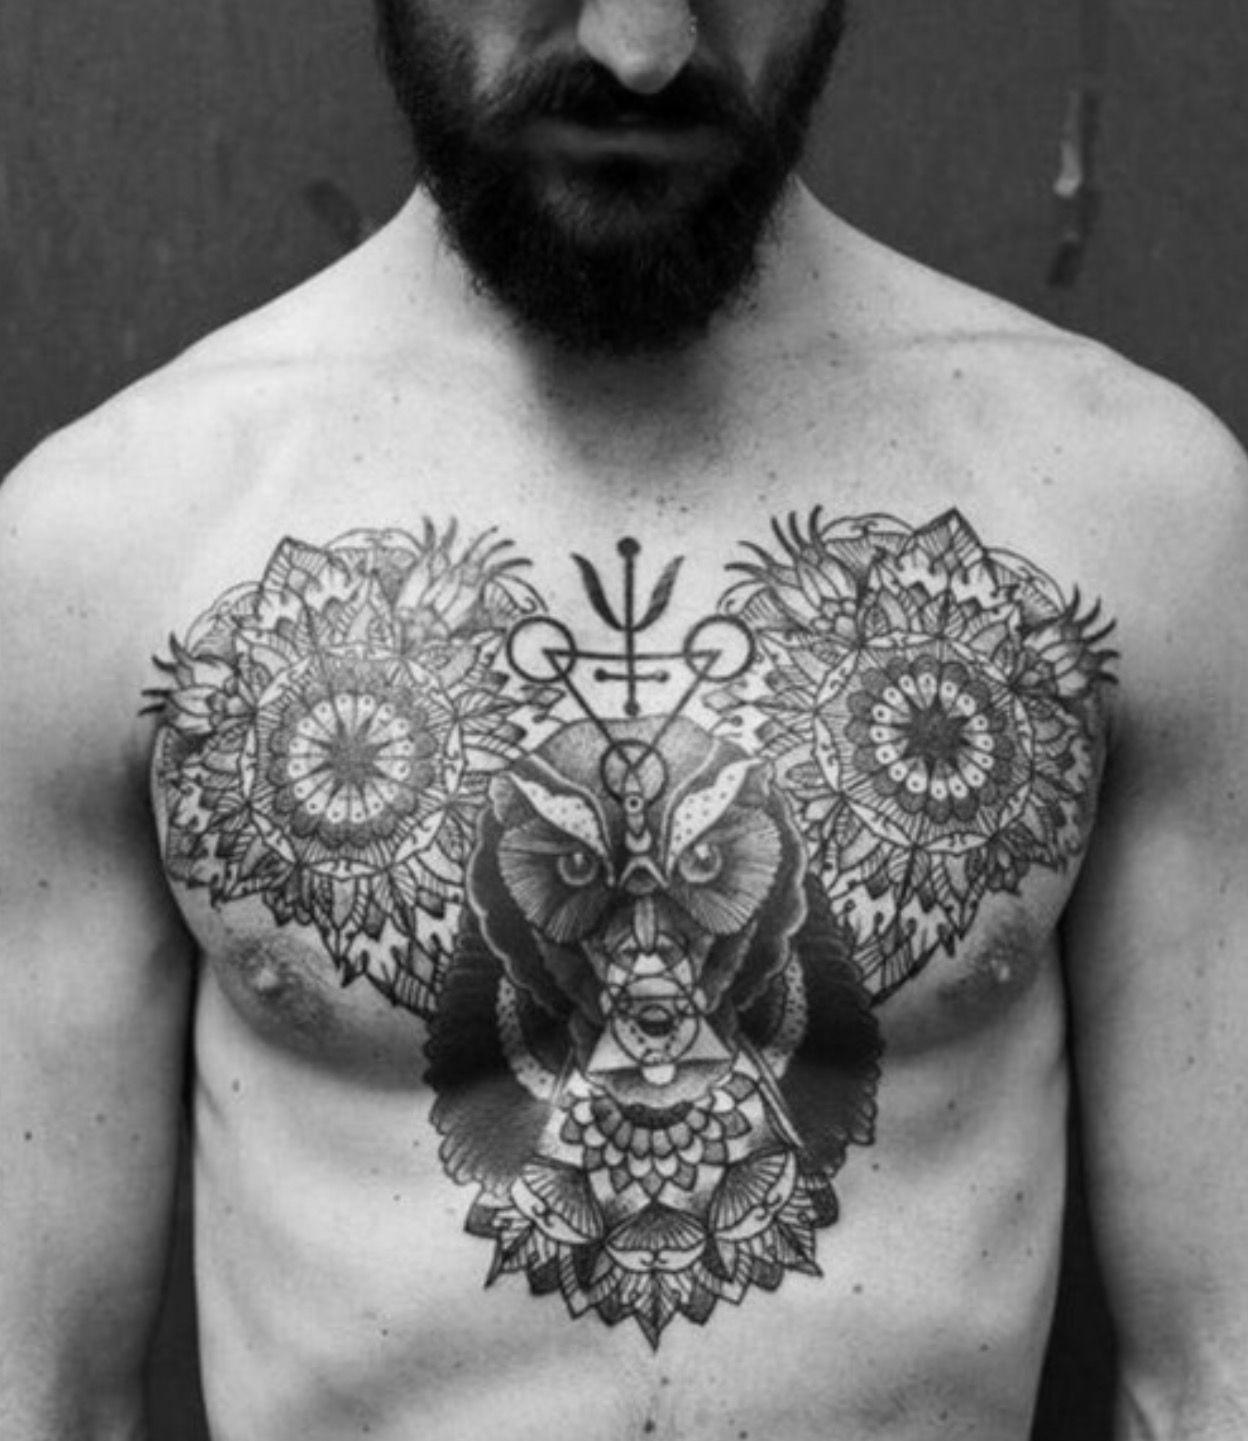 Pin by Sarah Fox on Tattoos & Tattoo Ideas! Chest tattoo